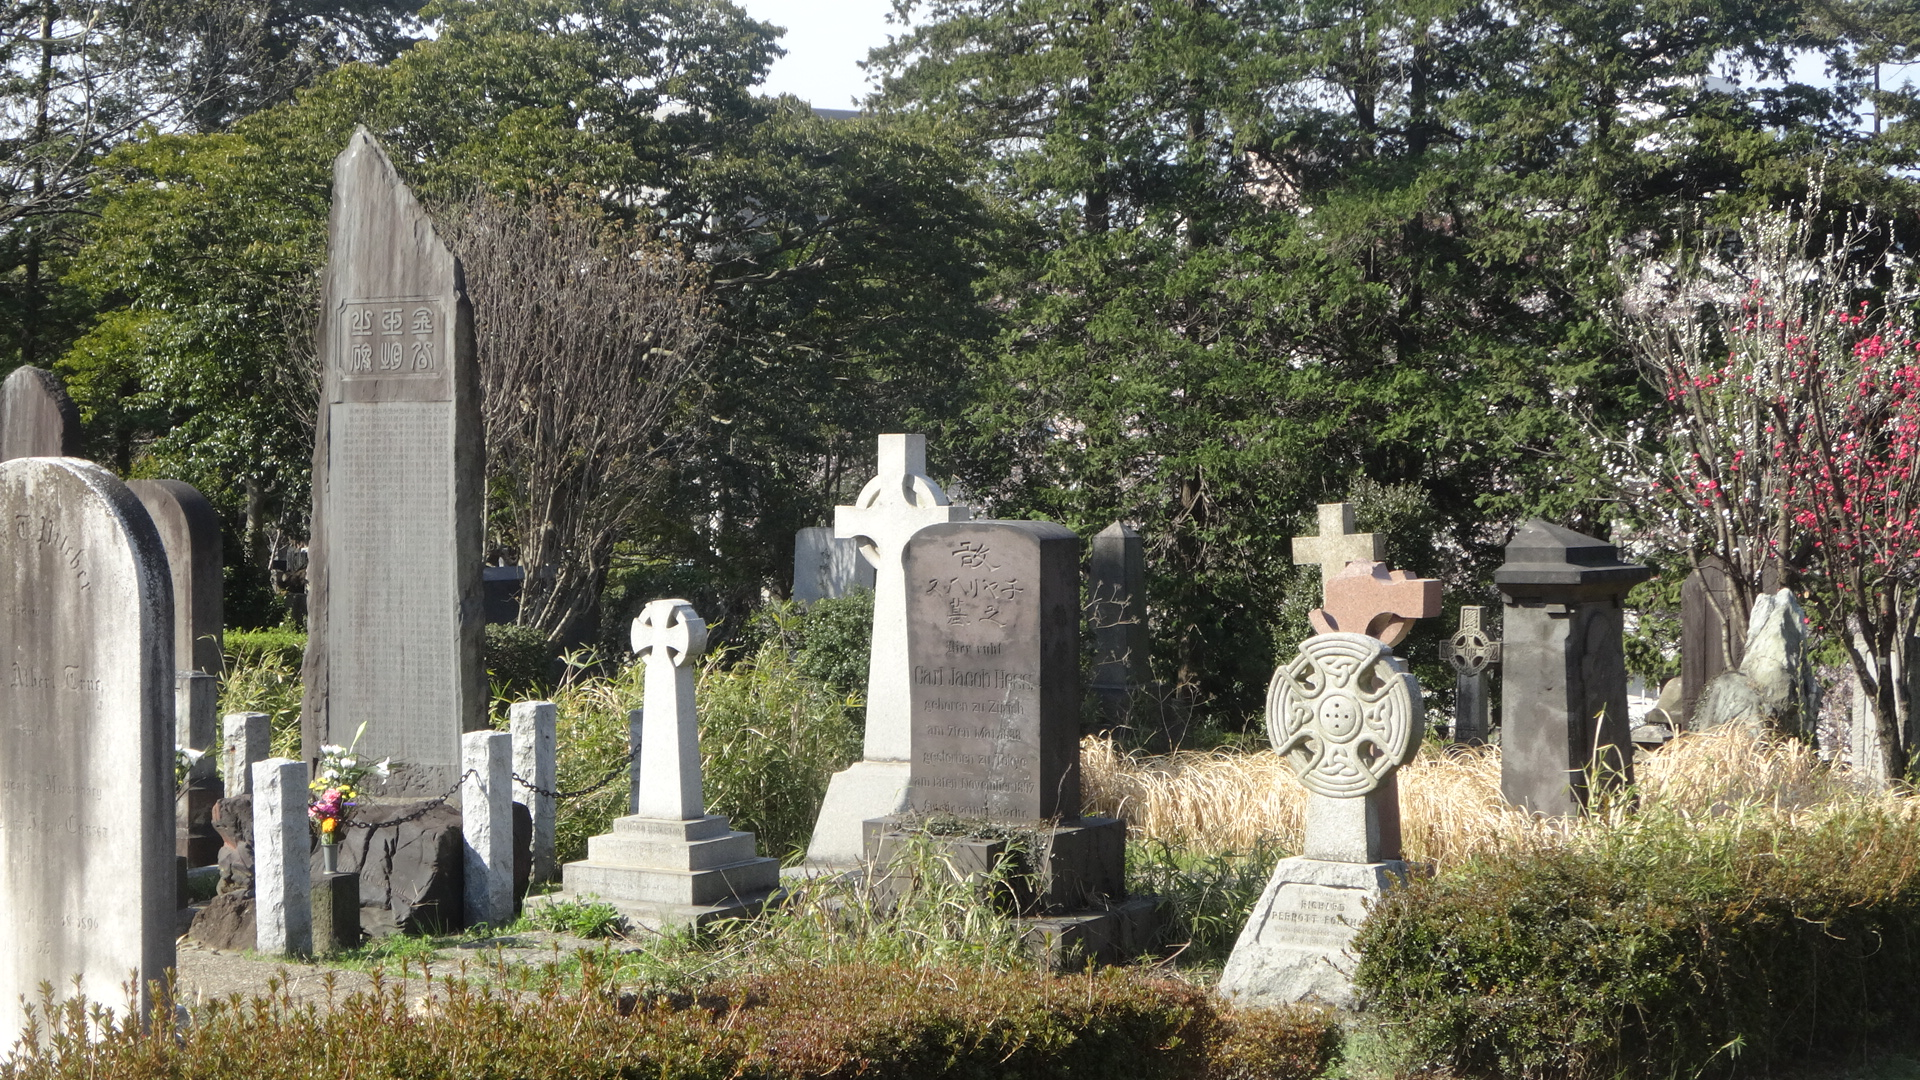 ケルト形式の墓石の写真